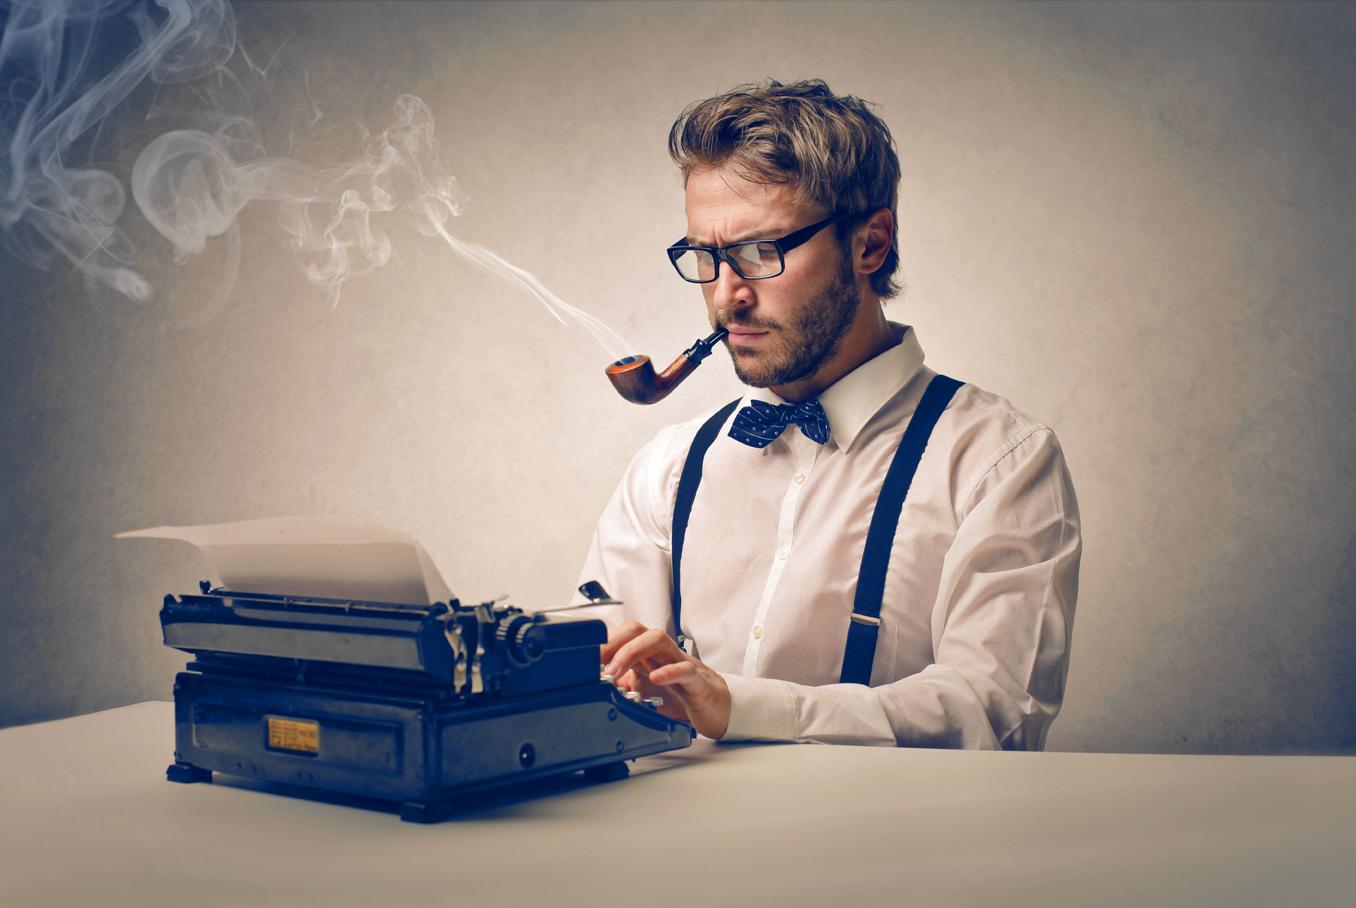 روزنامهنگاری؛ حرفه یا وسیله